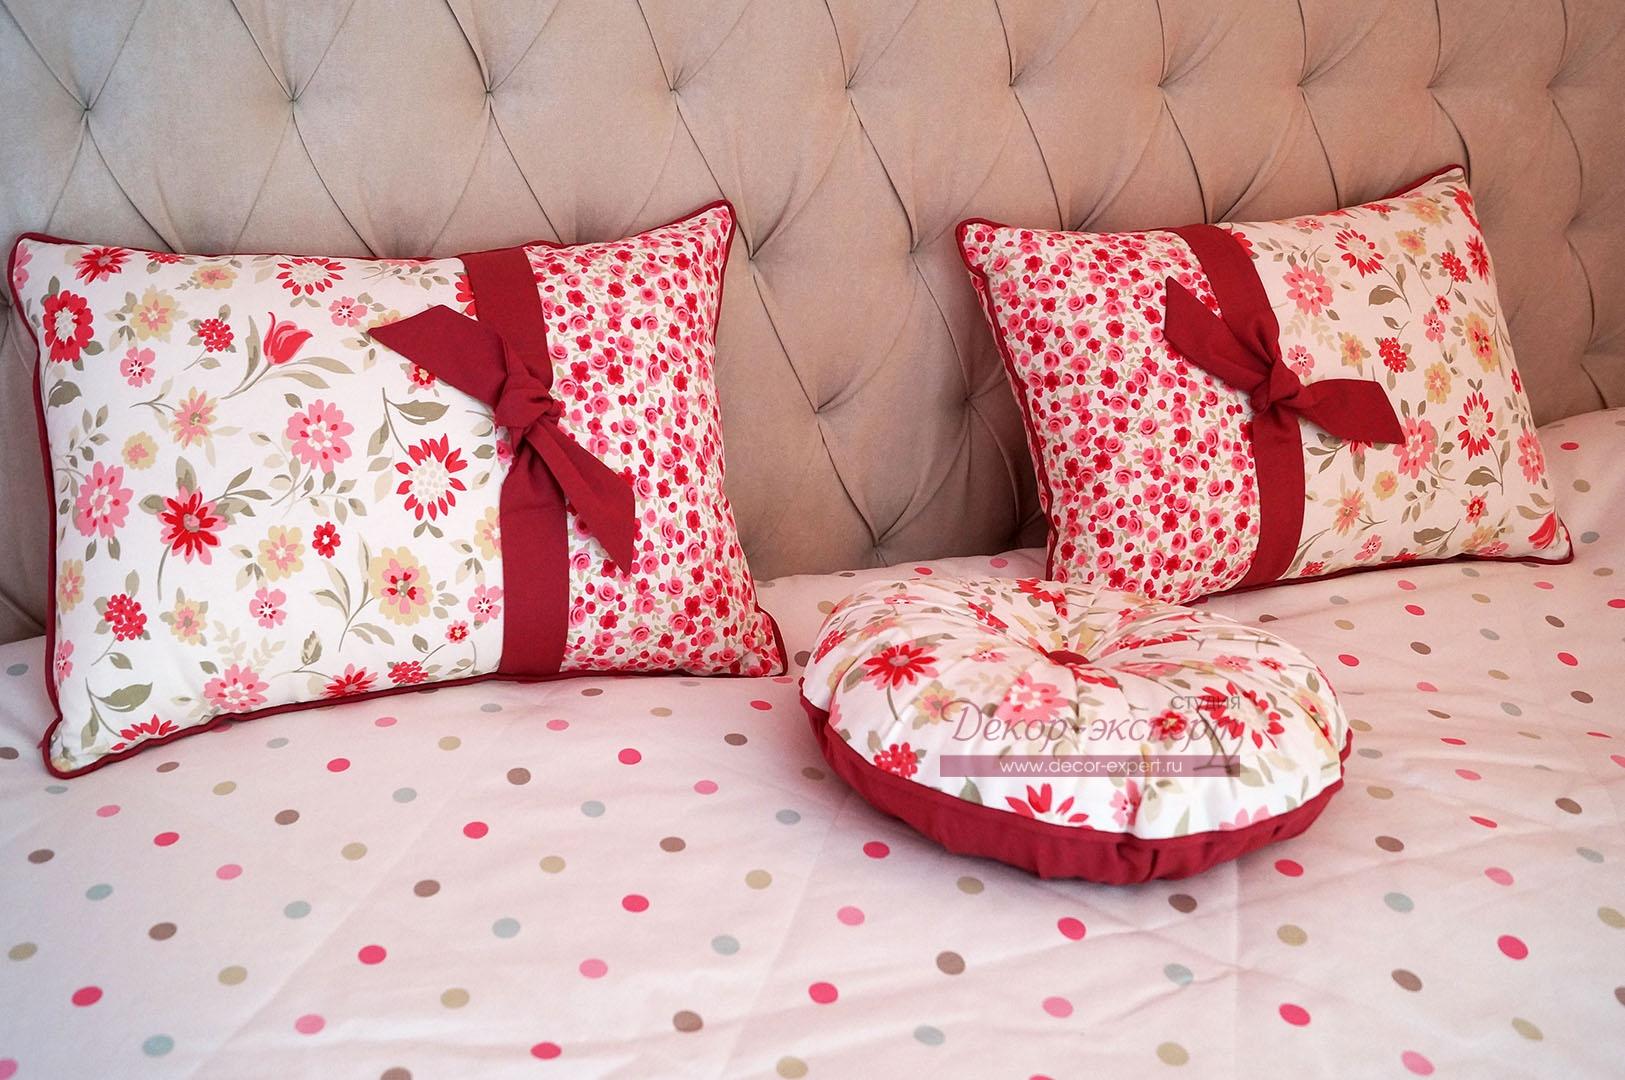 dekorativnye-podushki-iz-hlopkovoj-tkani-s-cvetochnym-printom